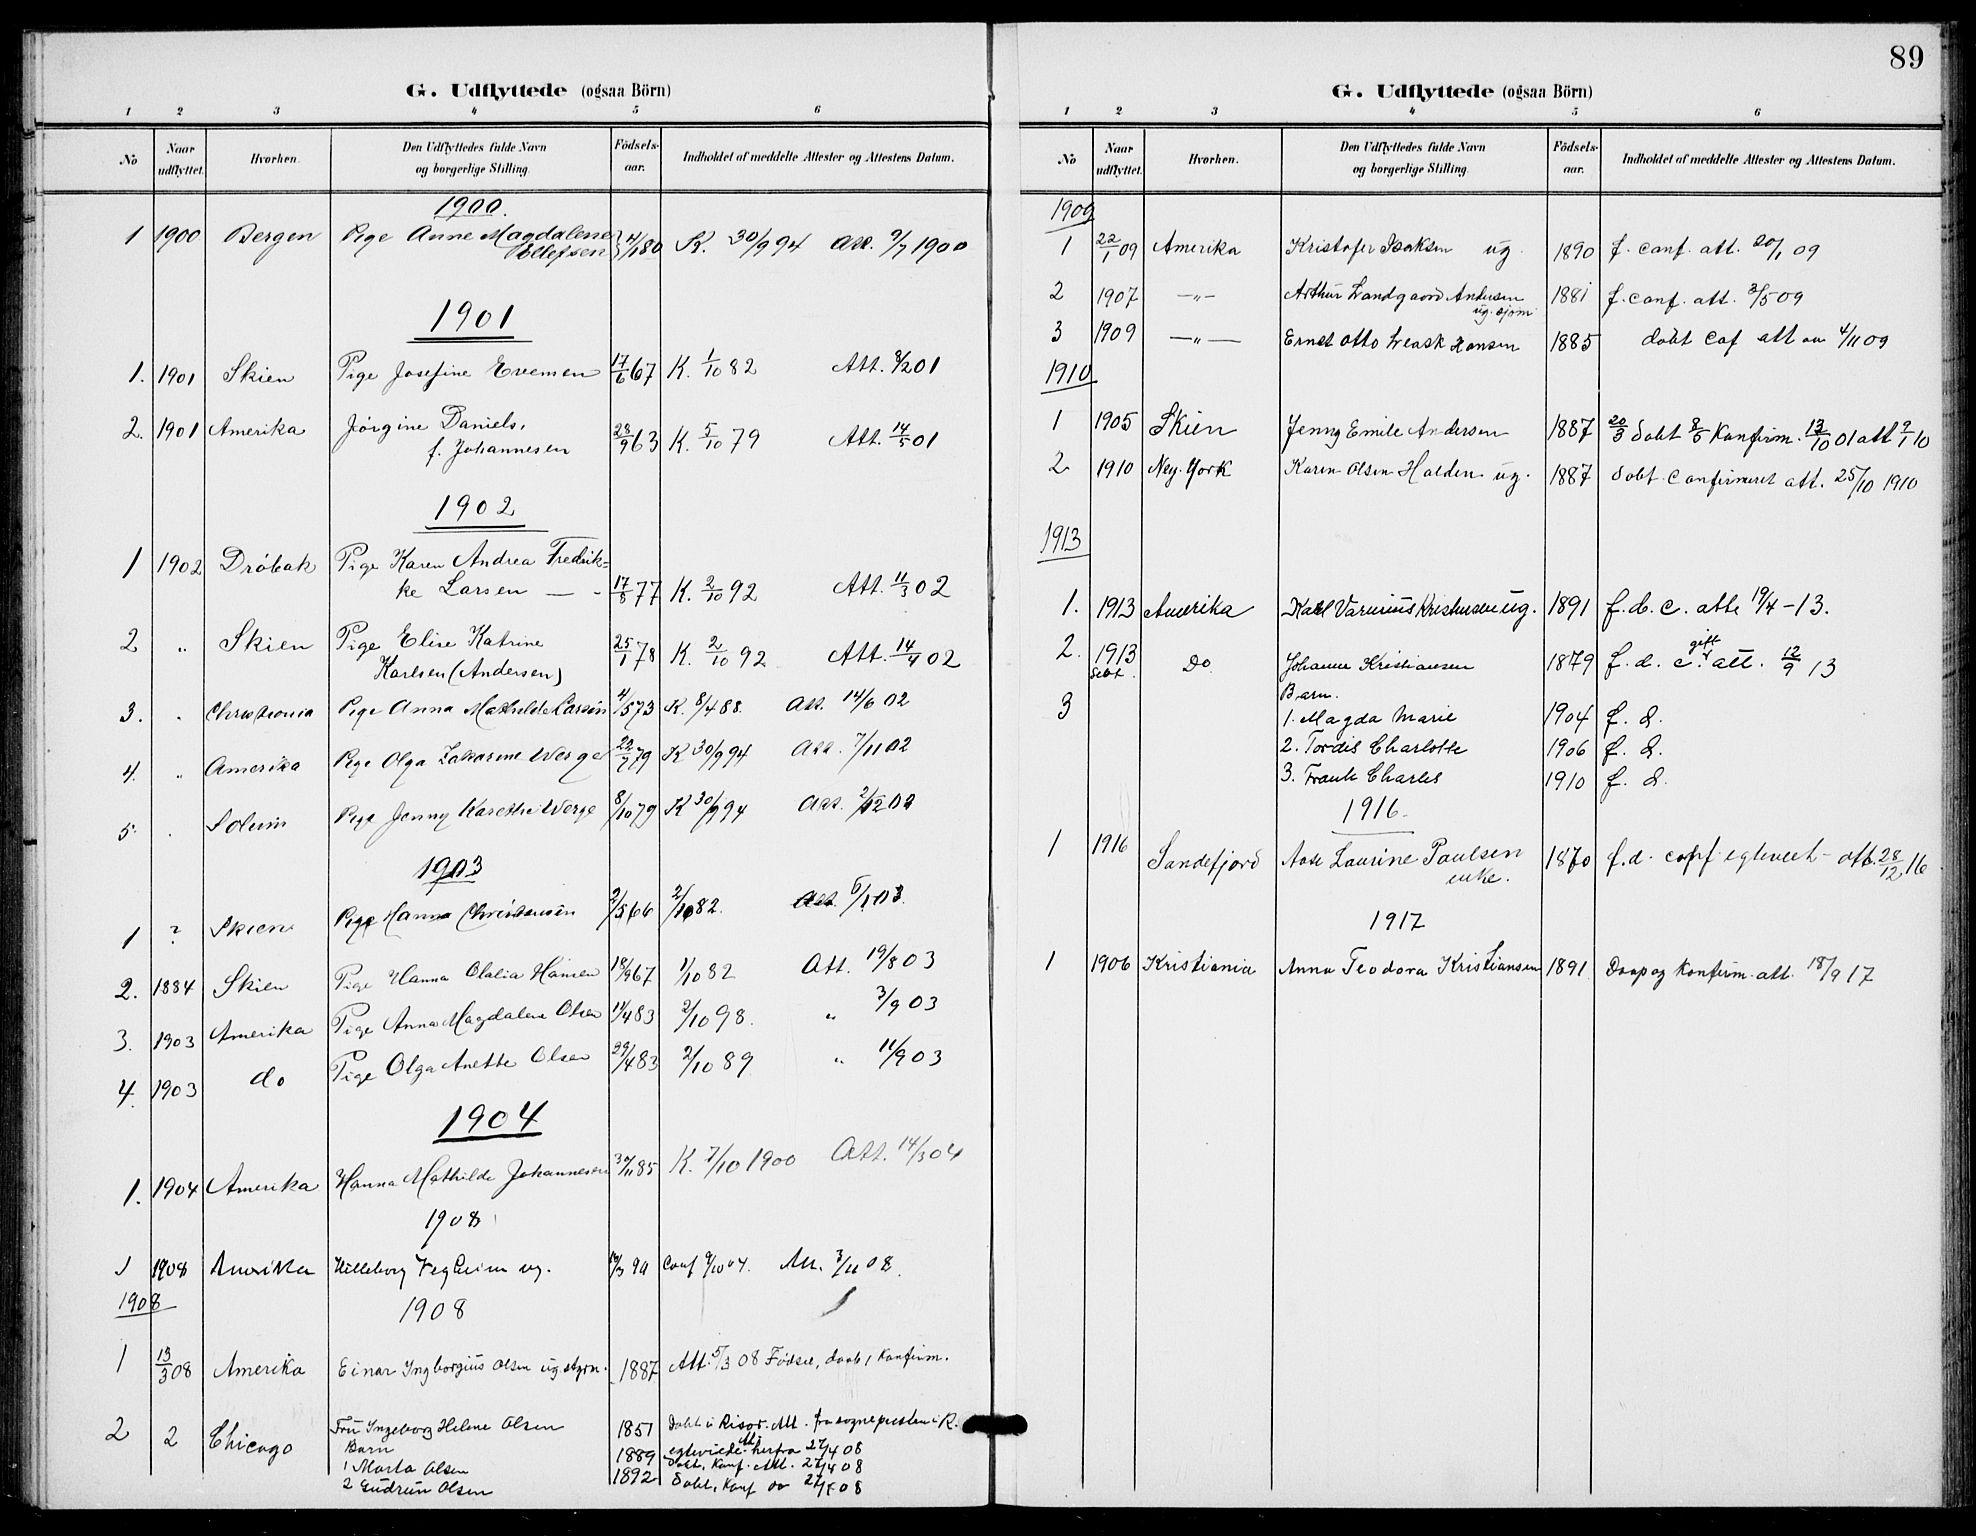 SAKO, Bamble kirkebøker, G/Gb/L0002: Klokkerbok nr. II 2, 1900-1925, s. 89